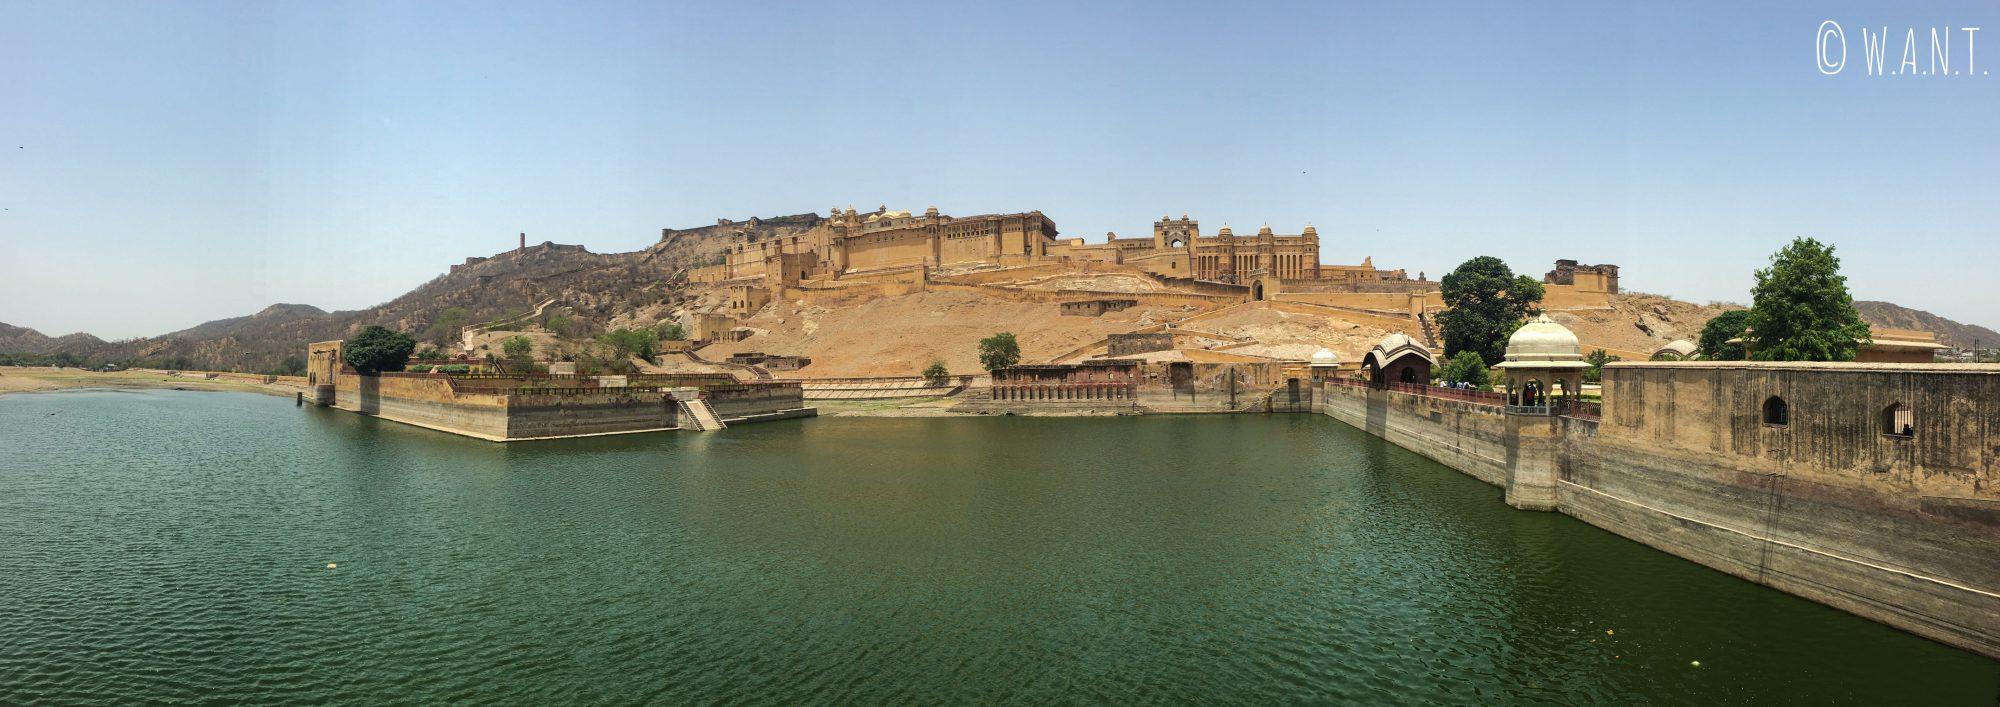 Panorama du Fort d'Amber situé à 11 kilomètres de Jaipur